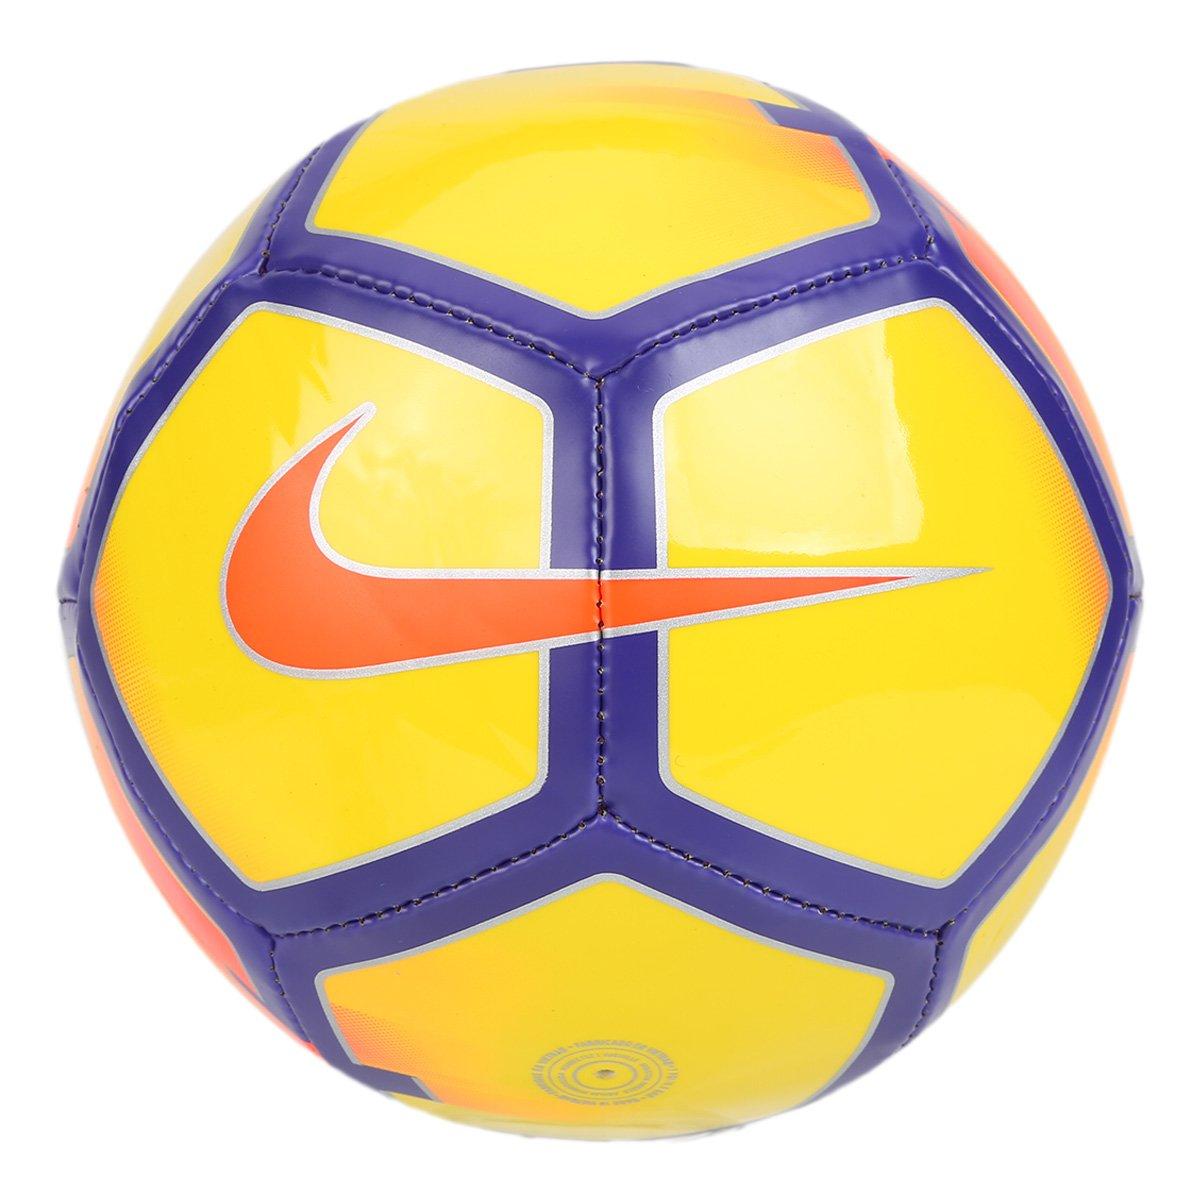 Mini Bola Nike Skills 17 18 - Amarelo e Roxo - Compre Agora  951b732c4e8a3